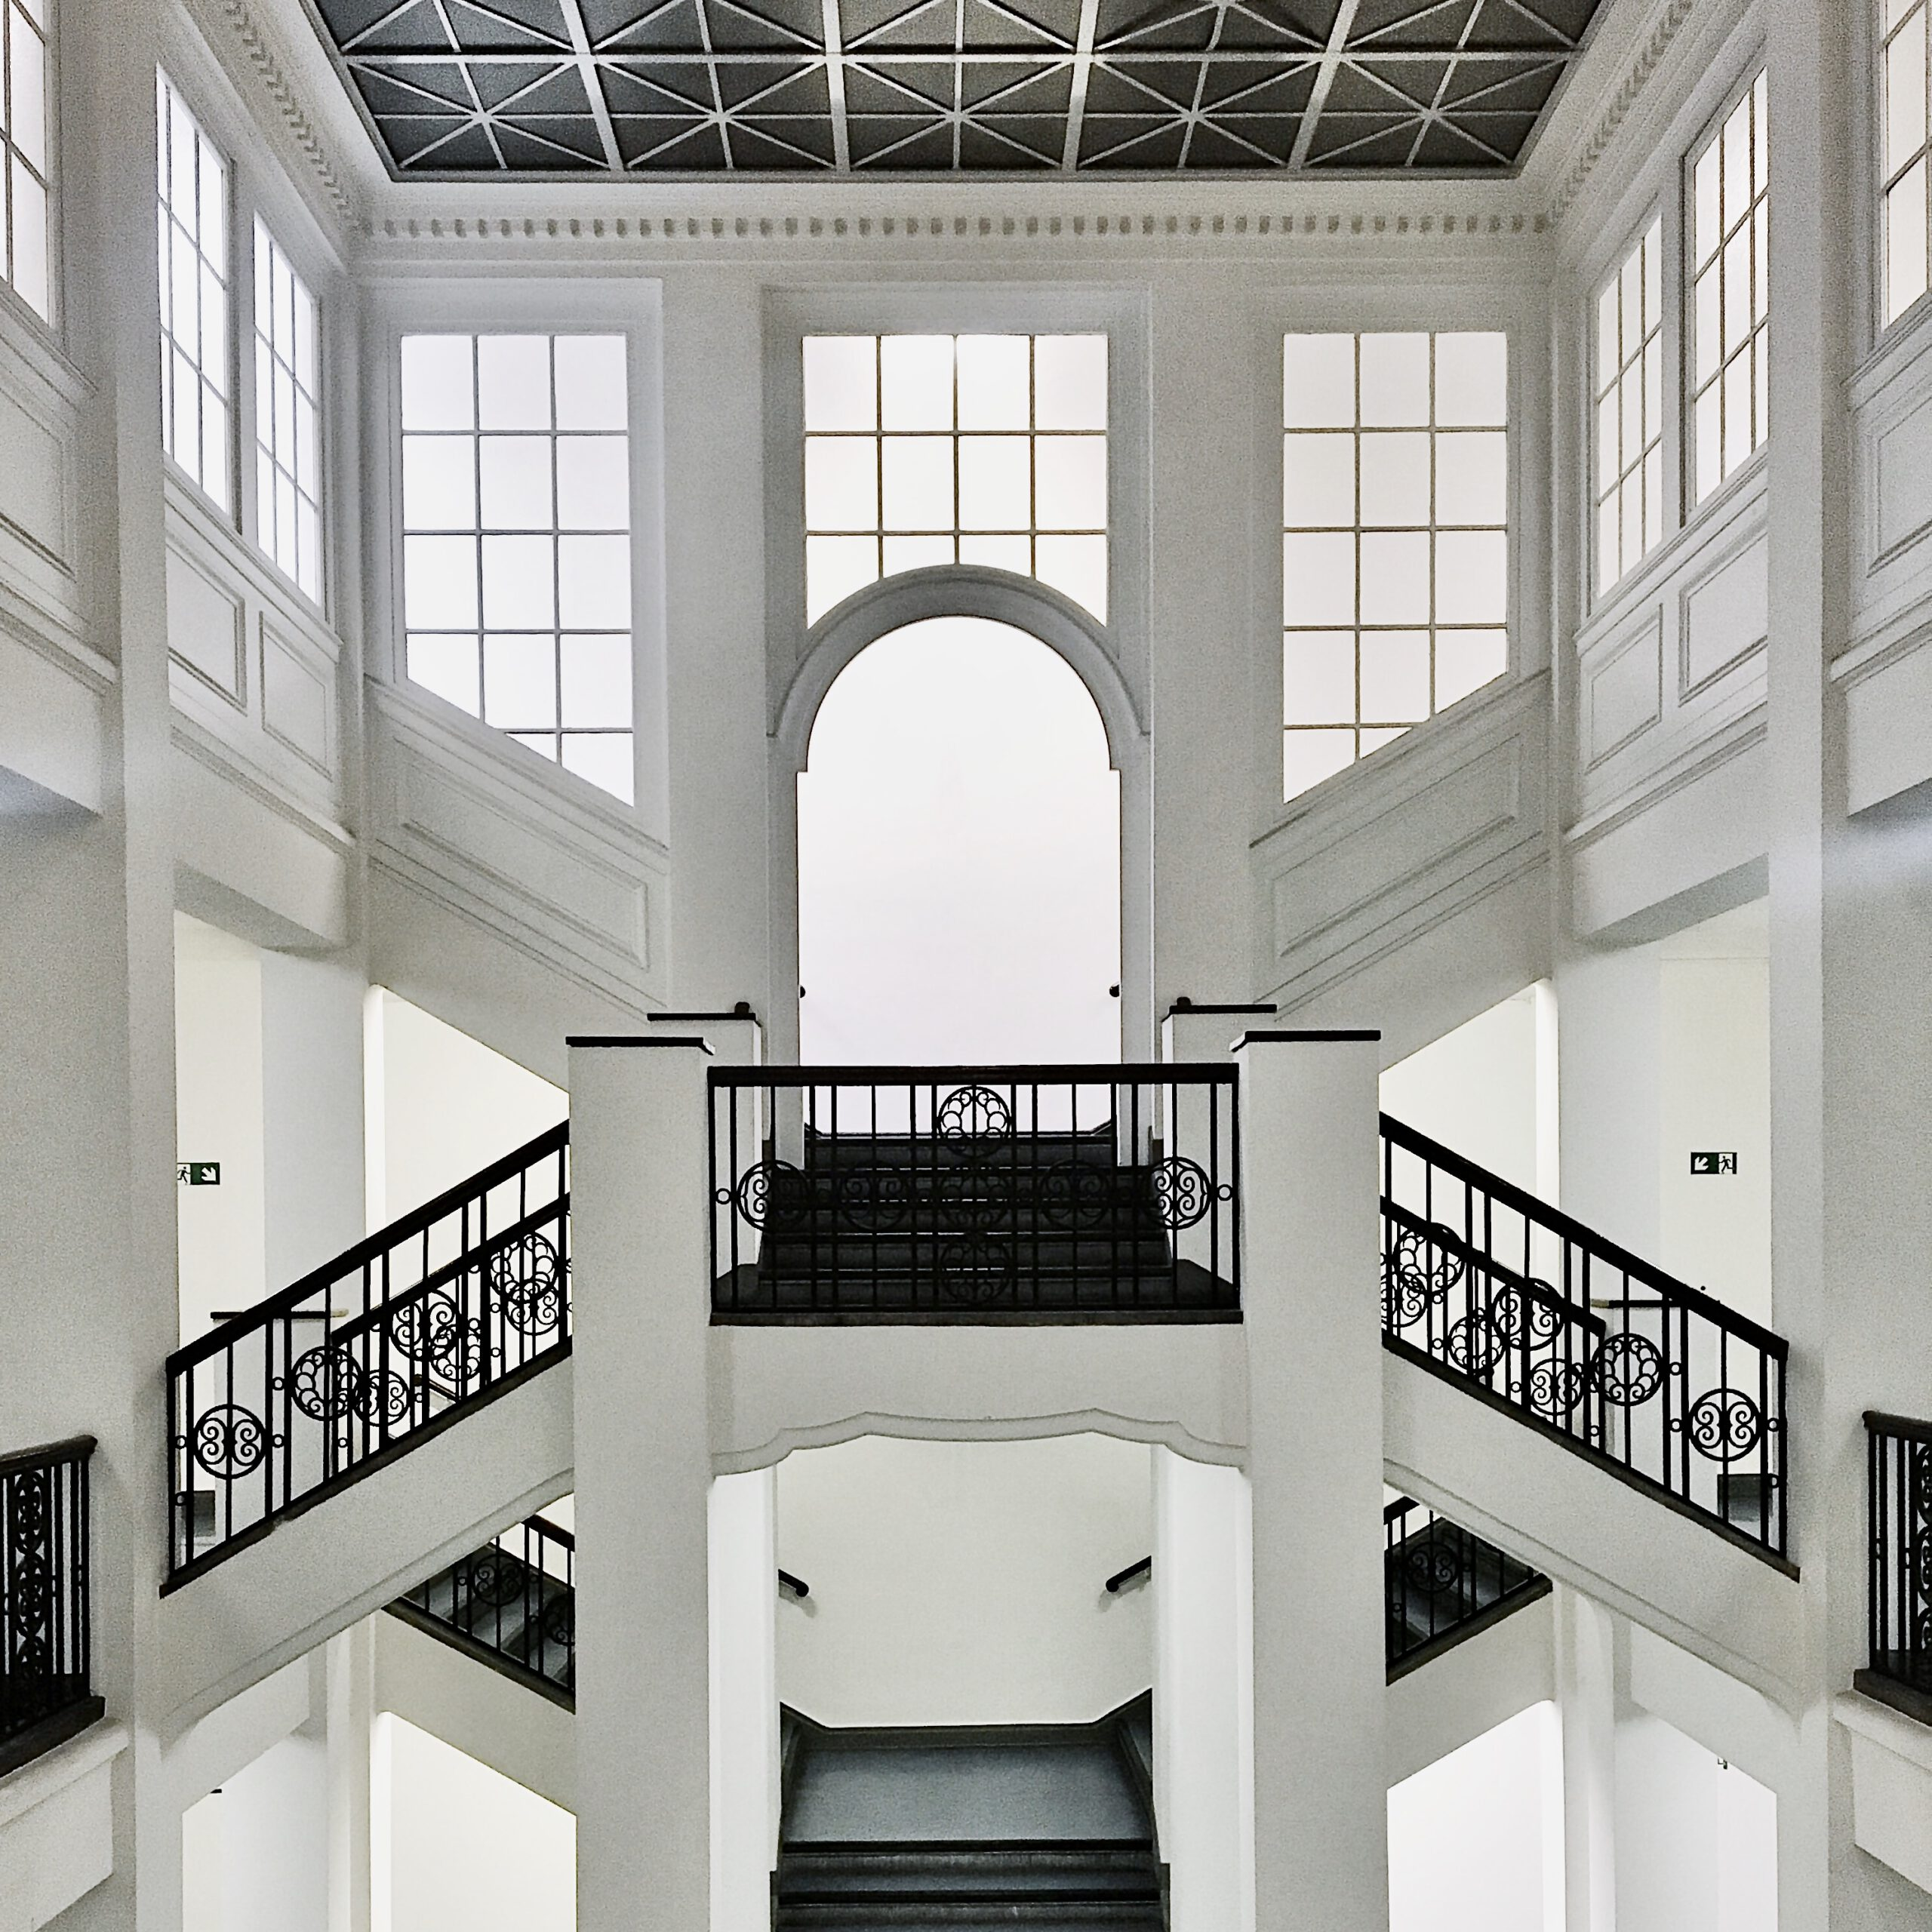 Hamburg Gebäude Von Innen: Tolle Architektur Gewerbeamt